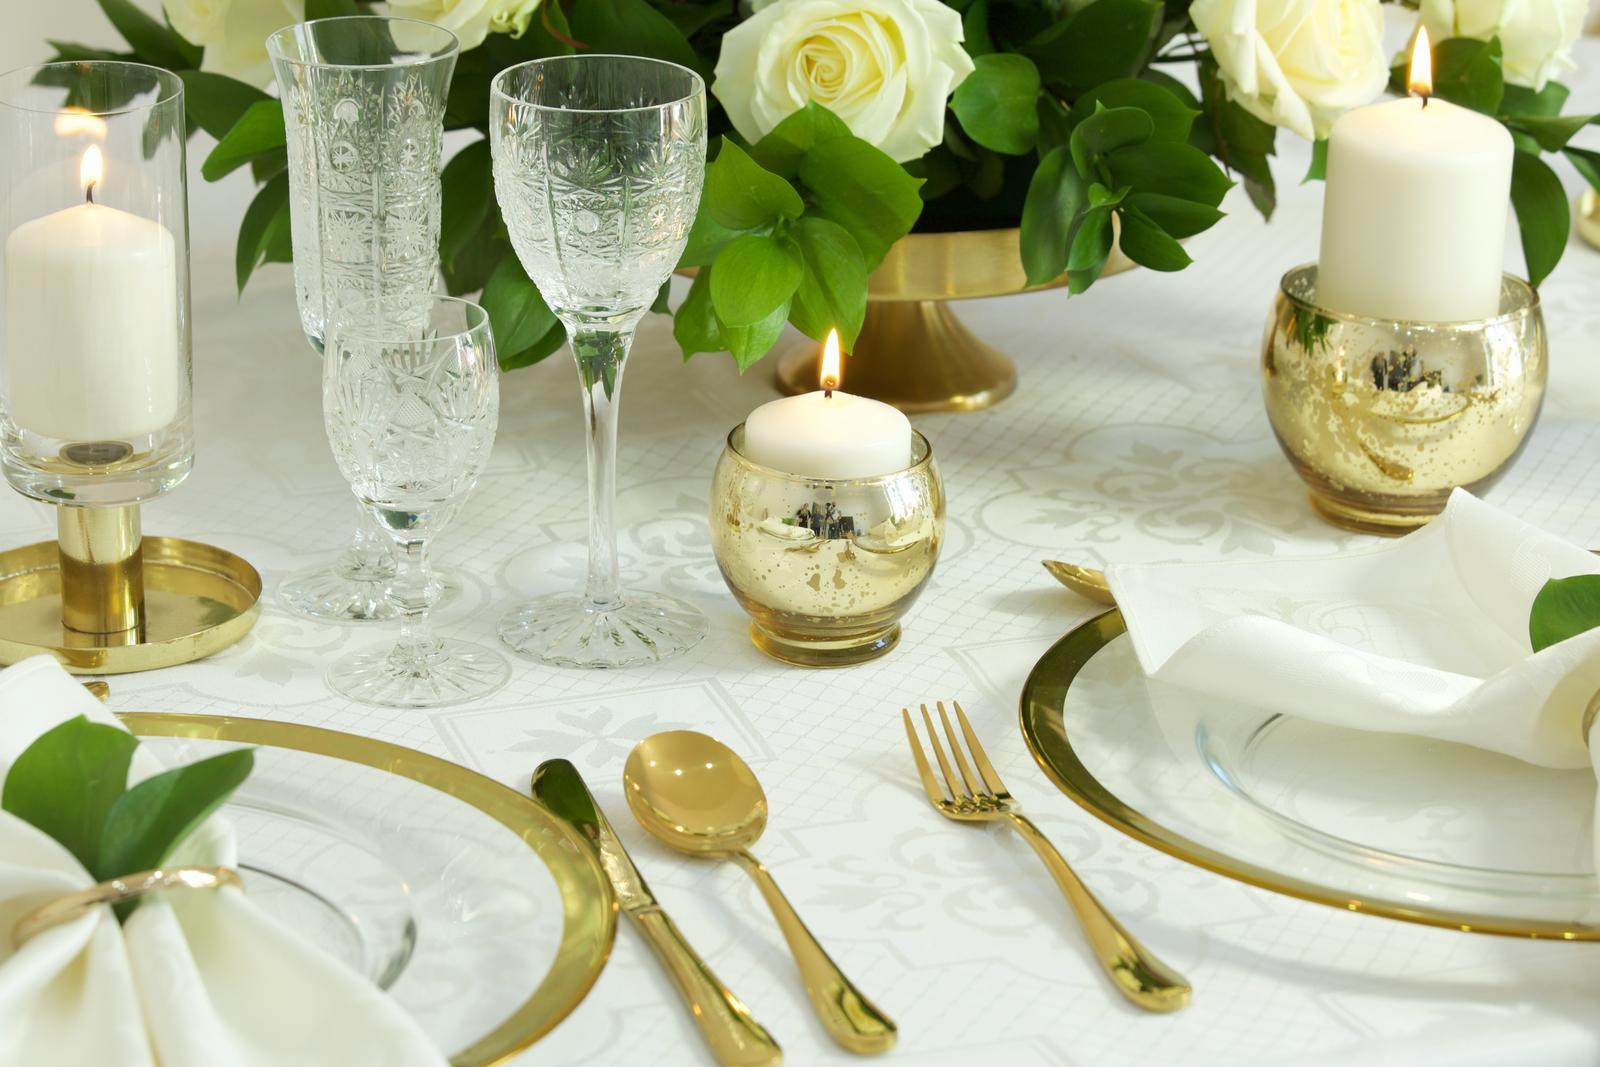 Klubové taniere na predaj - hladké so zlatým lemom - Obrázok č. 3